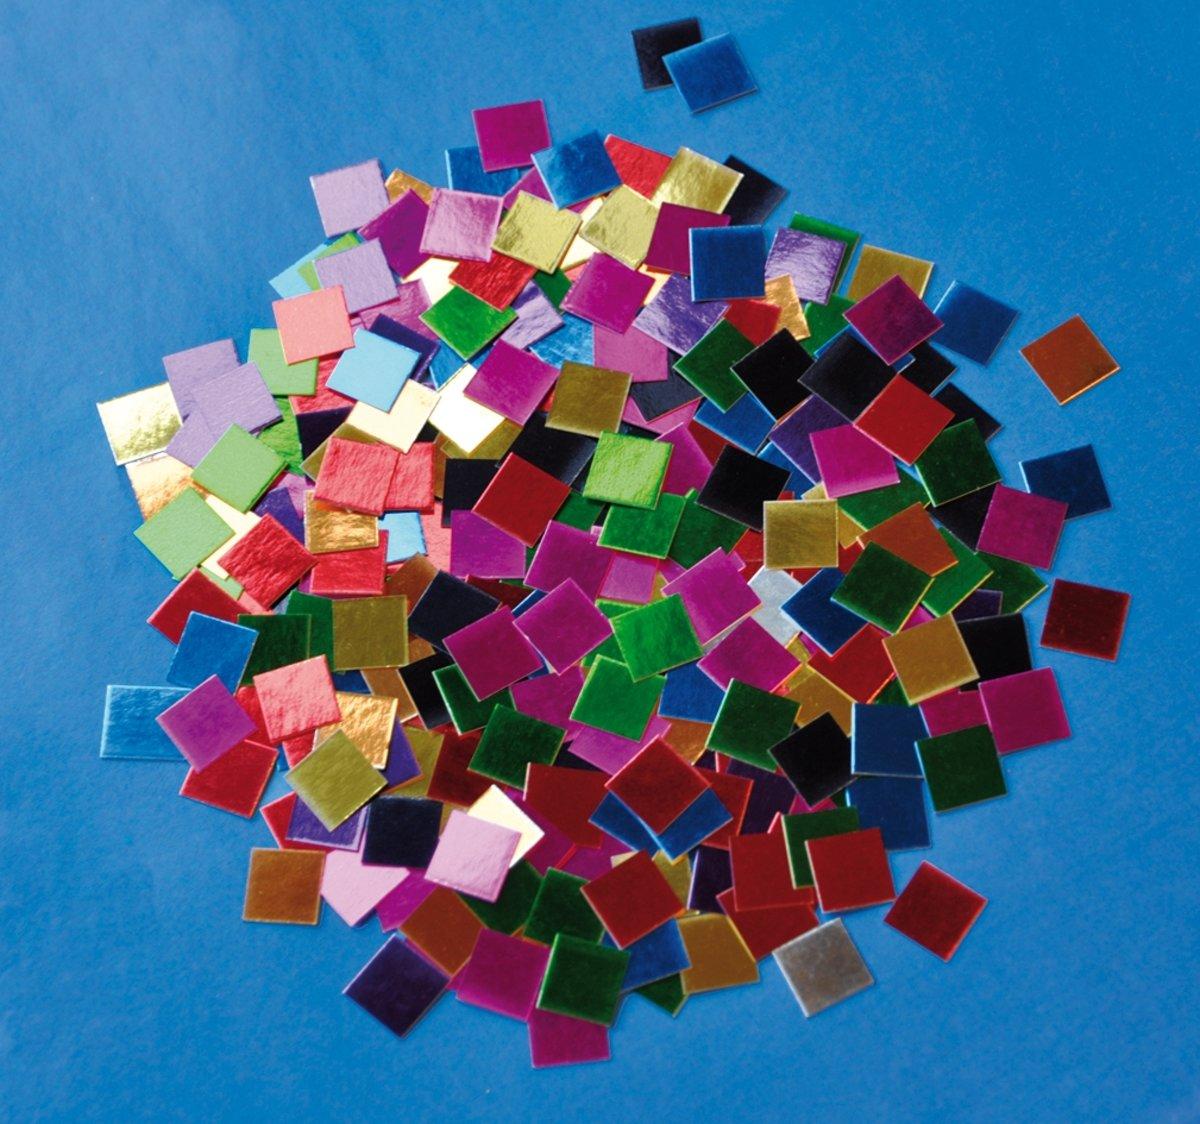 Papier mozaiek in metaalkleuren (10.000 stuks) kopen